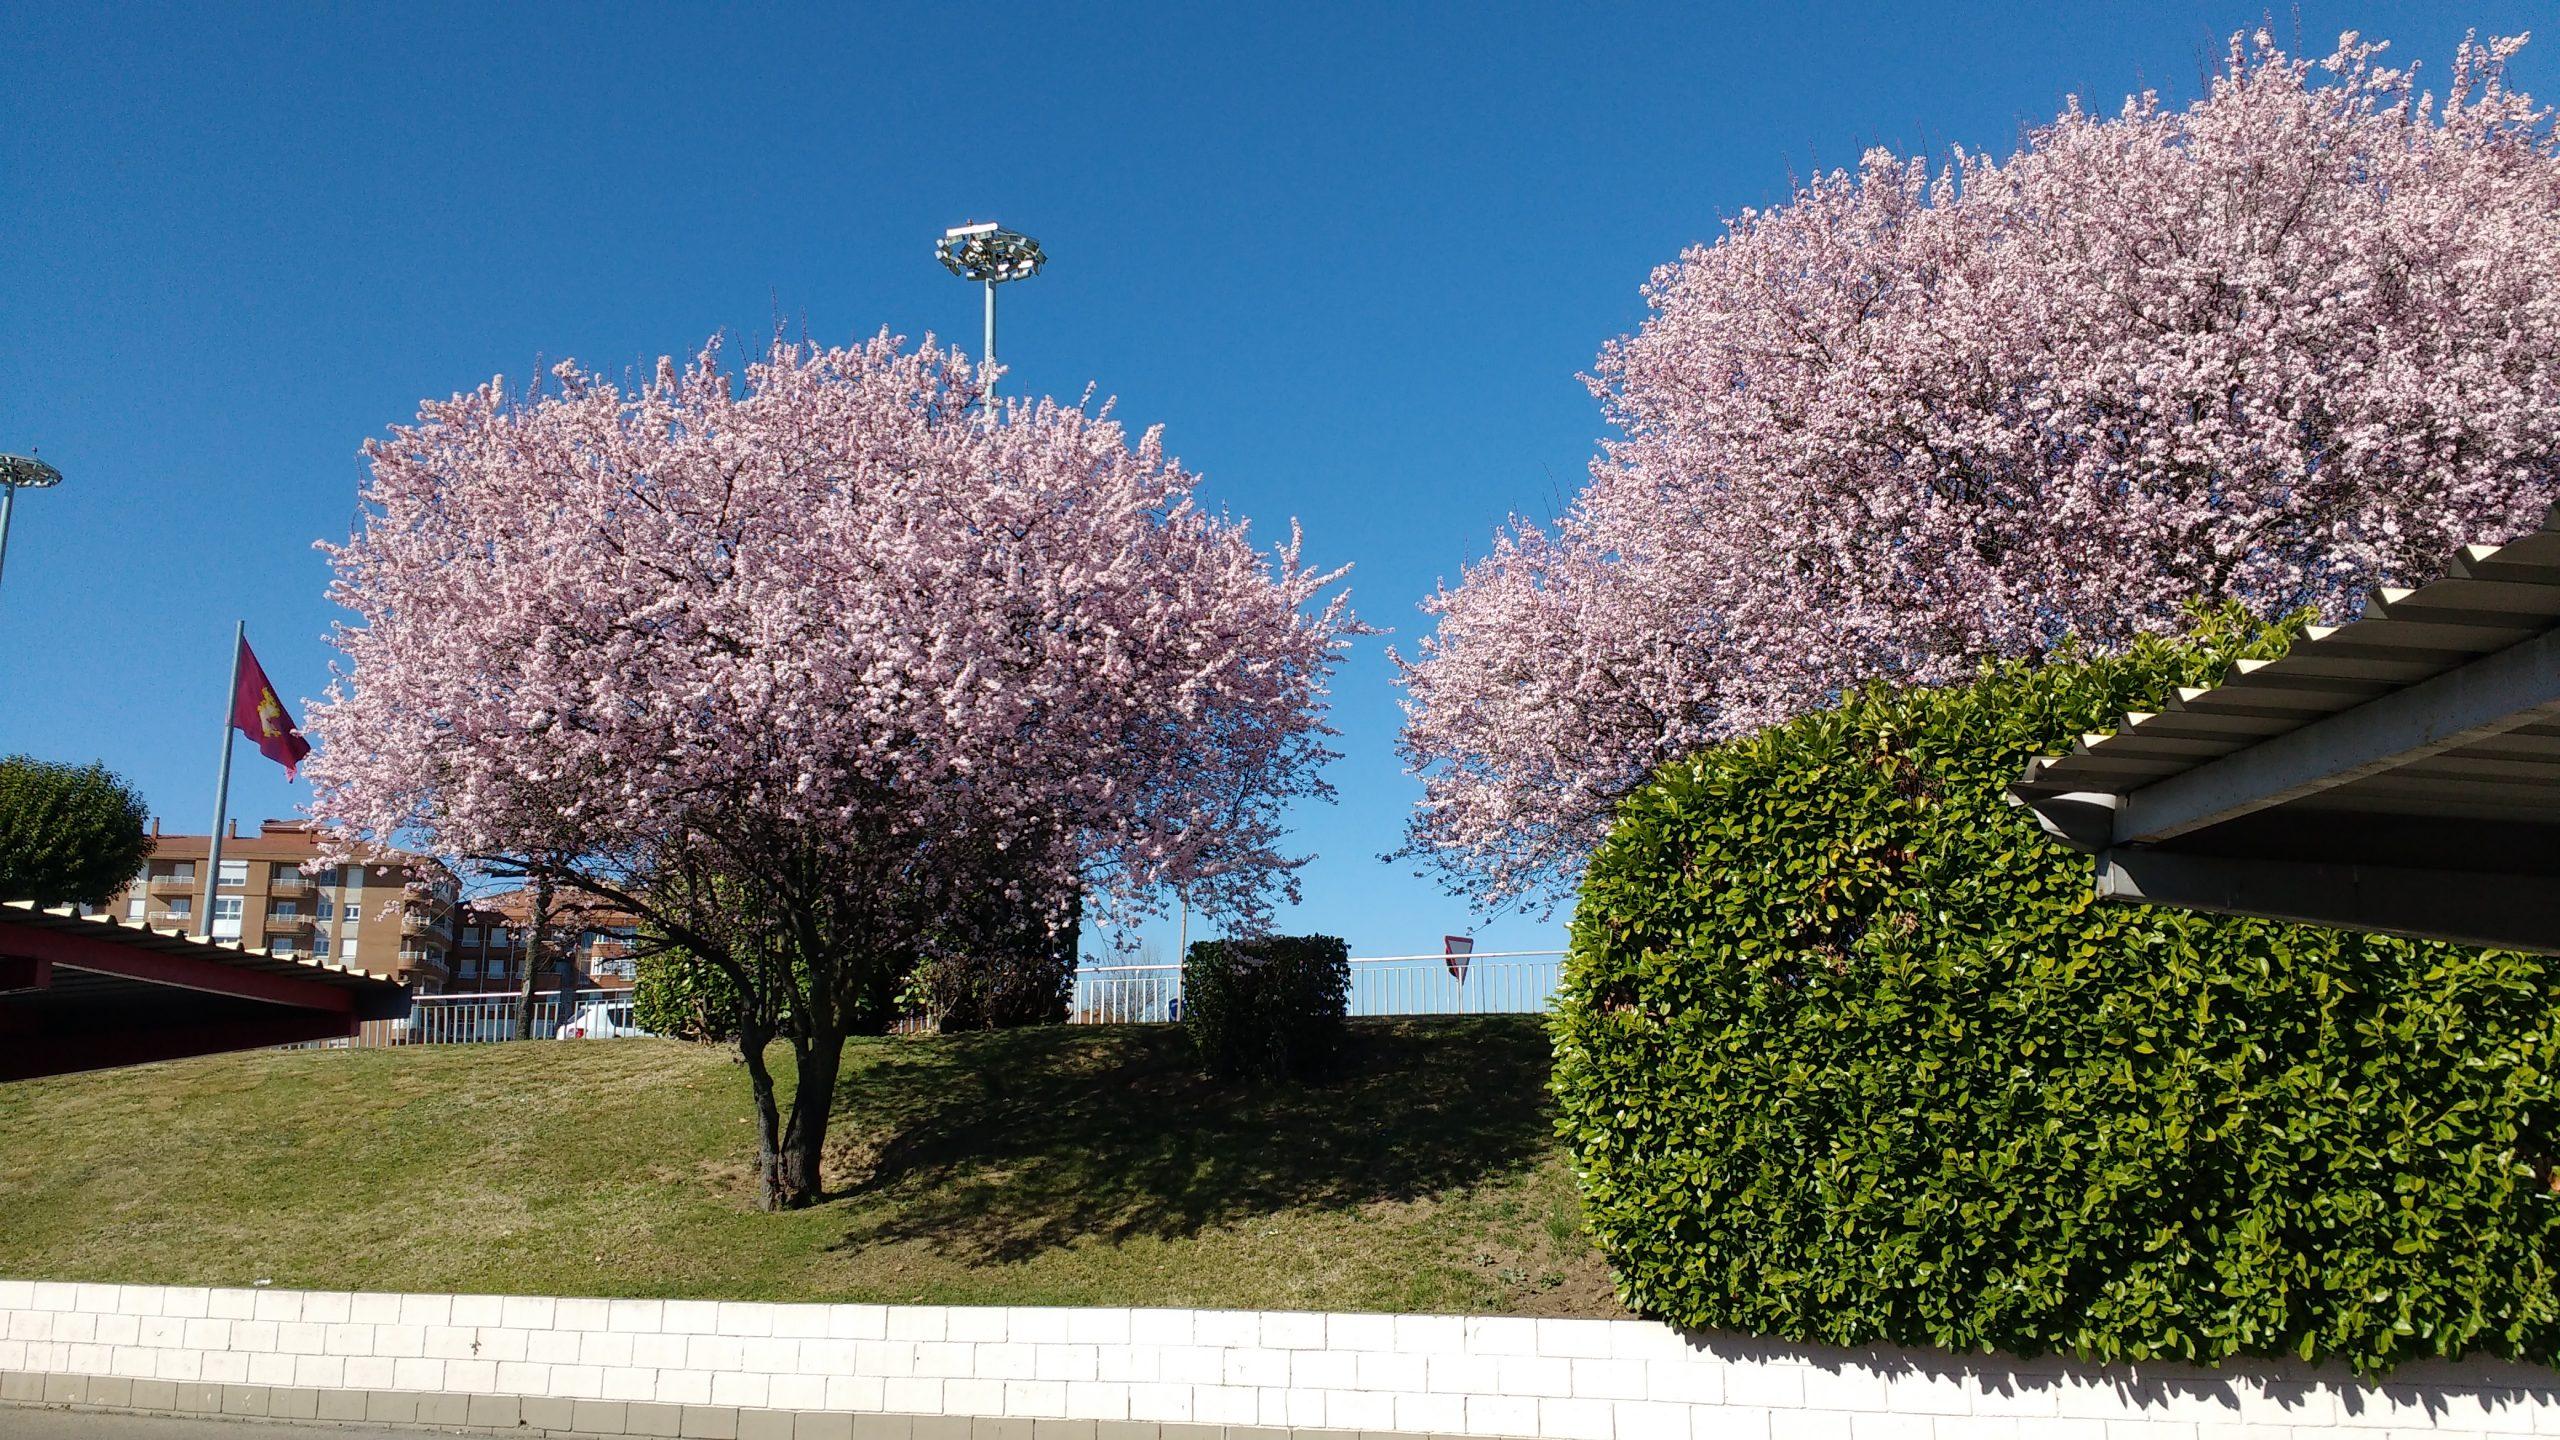 El Prunus cerasifera tiene flores en primavera